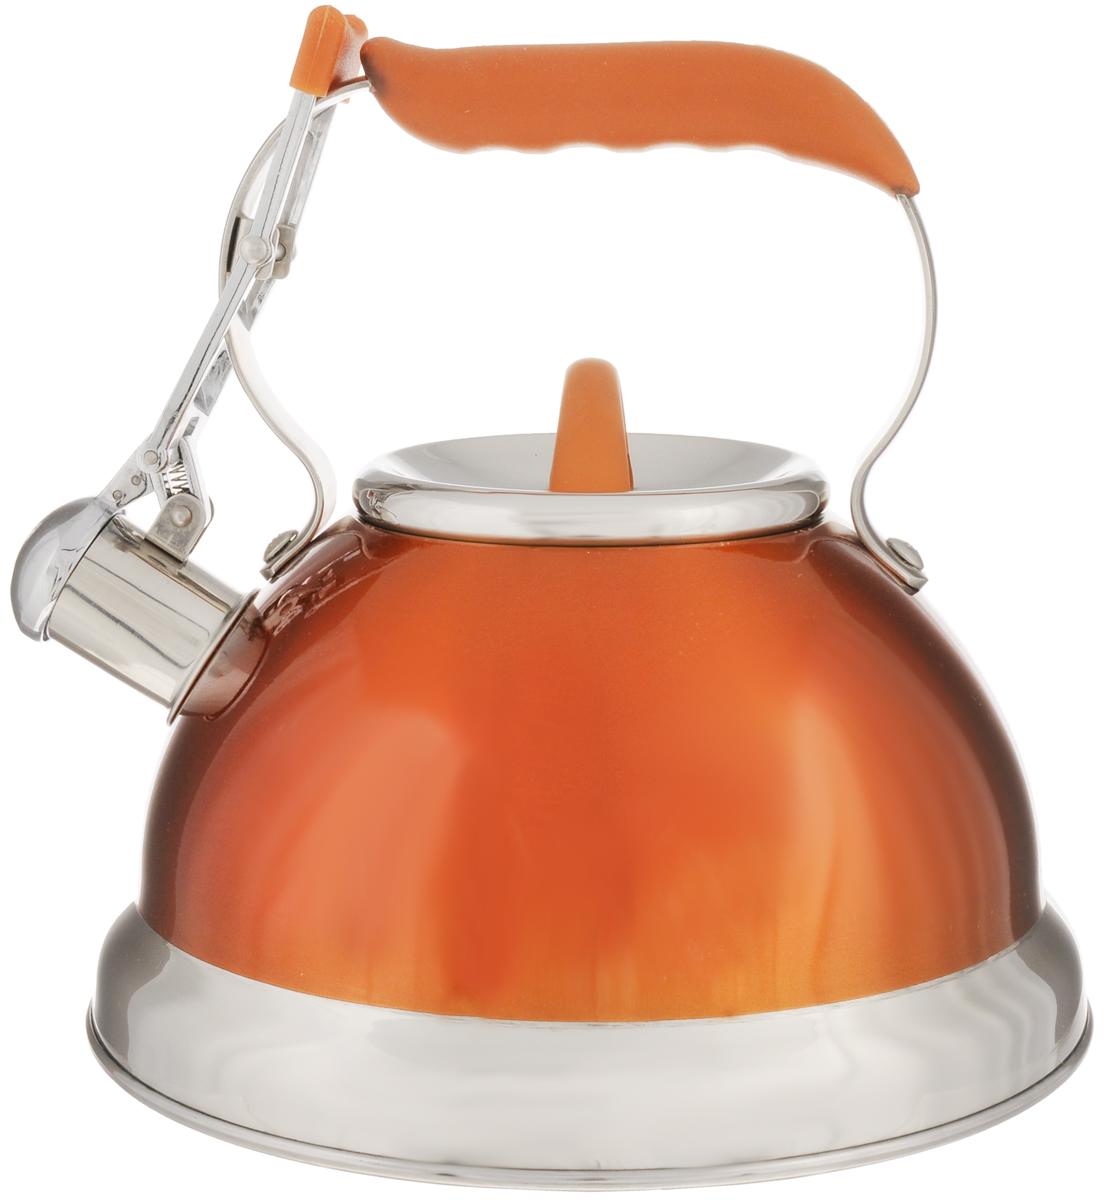 Чайник Calve, со свистком, цвет: оранжевый, 2,7 лCL-1461_оранжевыйЧайник Calve изготовлен из высококачественной нержавеющей стали 18/10, внешние стенки имеют цветное глянцевое покрытие. Нержавеющая сталь обладает высокой устойчивостью к коррозии, не вступает в реакцию с холодными и горячими продуктами и полностью сохраняет их вкусовые качества. Особая конструкция капсулированного дна способствует высокой теплопроводности и равномерному распределению тепла. Чайник оснащен удобной фиксированной ручкой с силиконовым покрытием. Носик чайника имеет откидной свисток с перфорацией в виде смайлика, звуковой сигнал которого подскажет, когда закипит вода. Свисток открывается с помощью рычага на ручке чайника. Чайник подходит для всех типов плит, включая индукционные. Можно мыть в посудомоечной машине.Диаметр чайника (по верхнему краю): 10 см.Высота чайника (без учета ручки и крышки): 11,5 см.Высота чайника (с учетом ручки): 22 см.